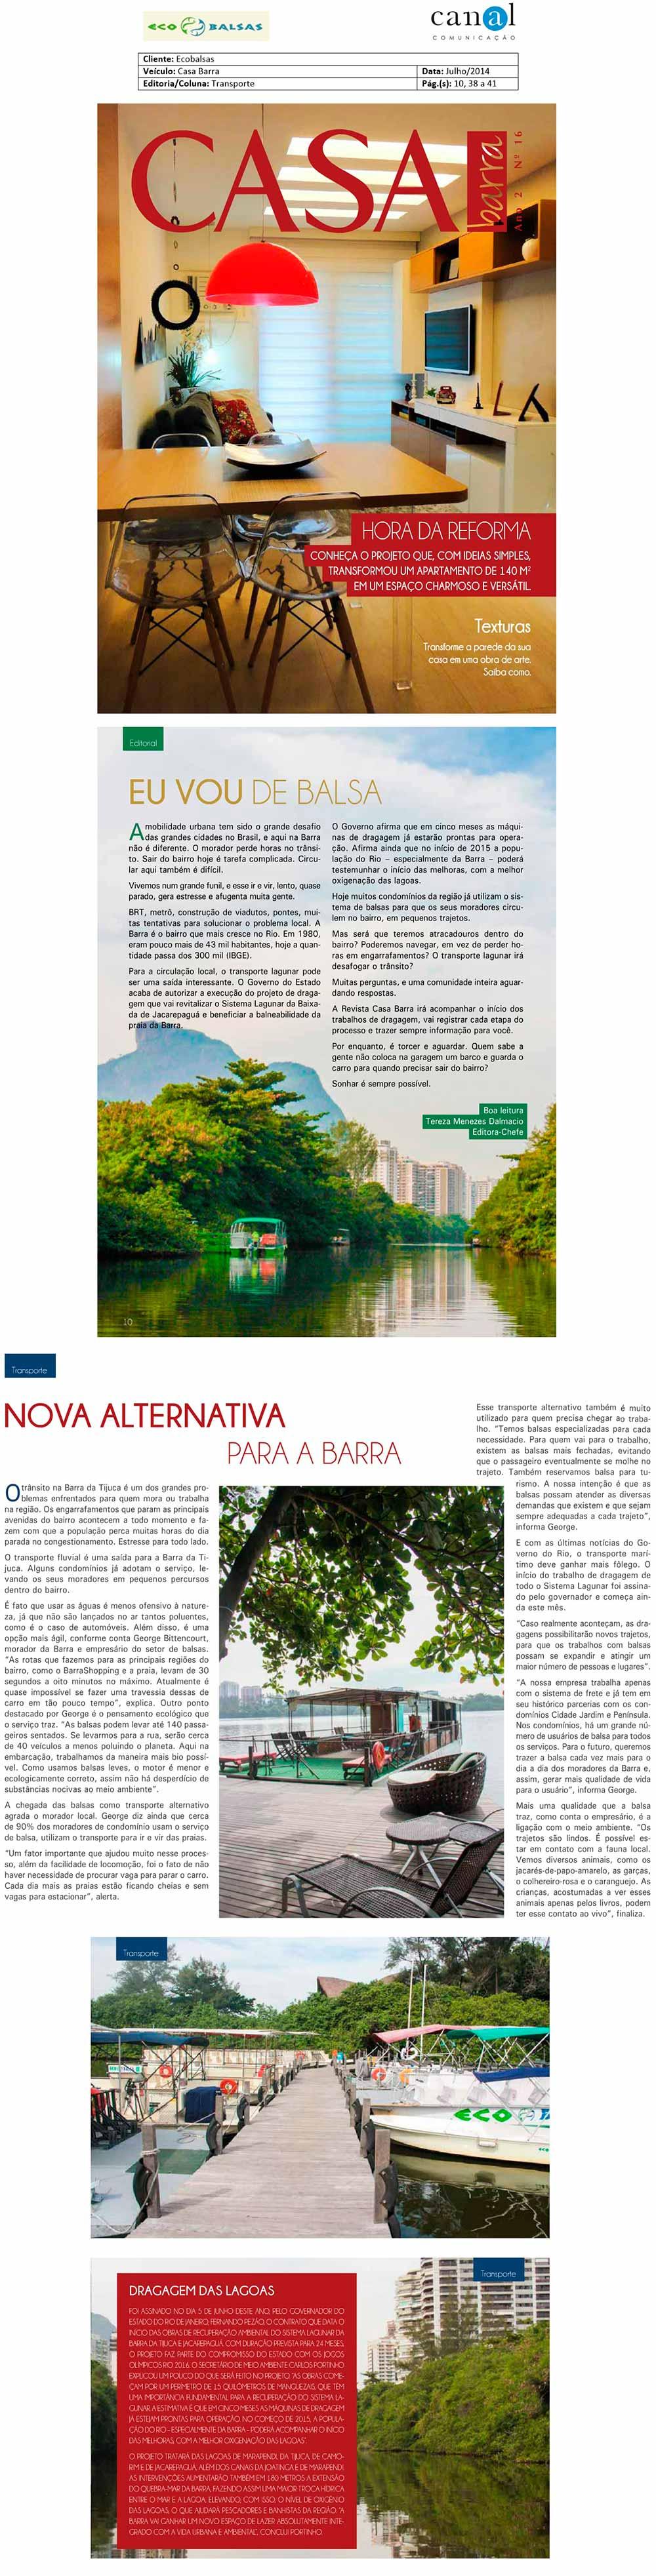 6-Ecobalsas_Casa-Barra-(Transporte)_07